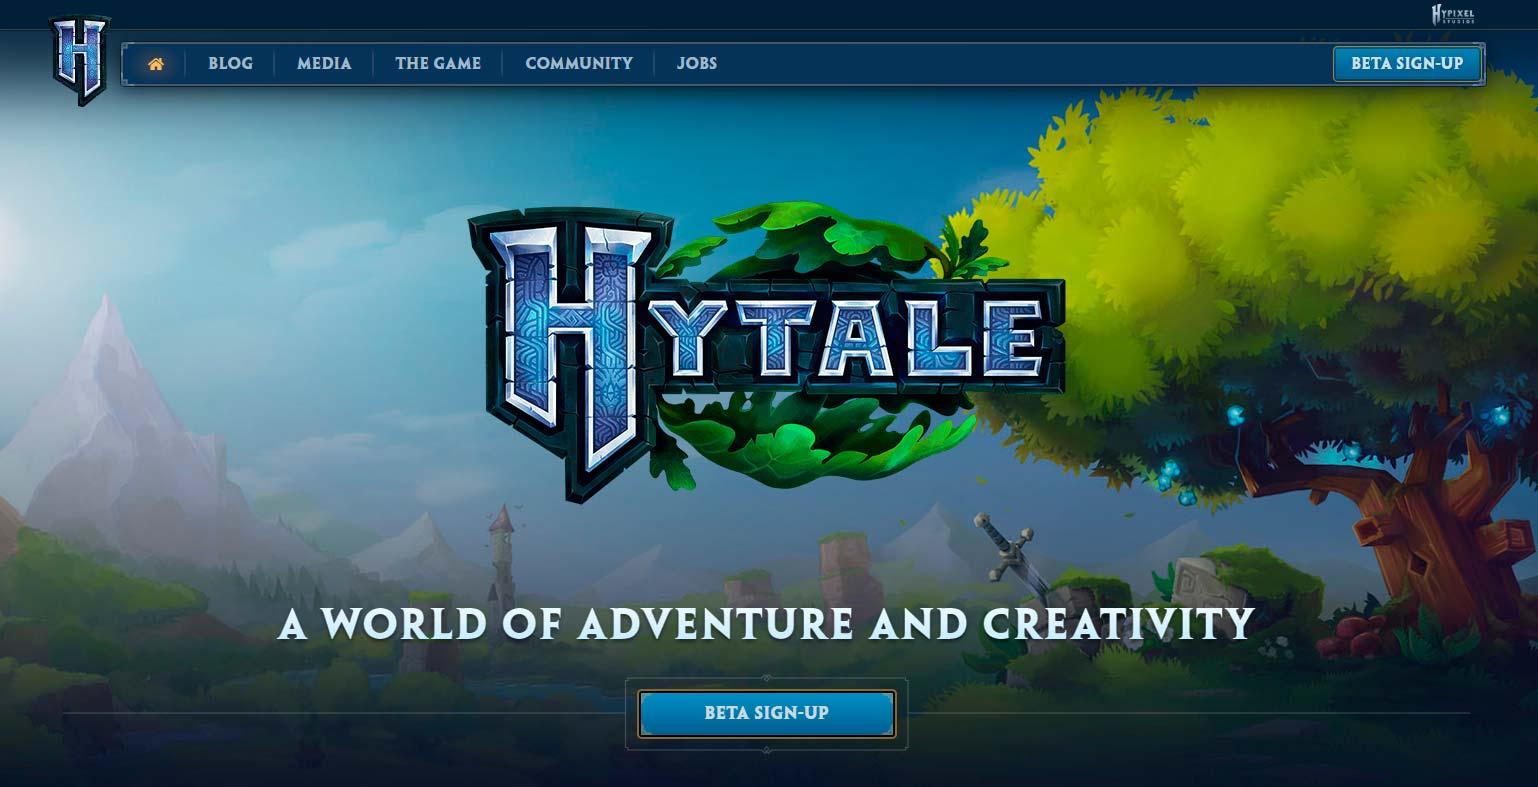 Descargar beta Hytale